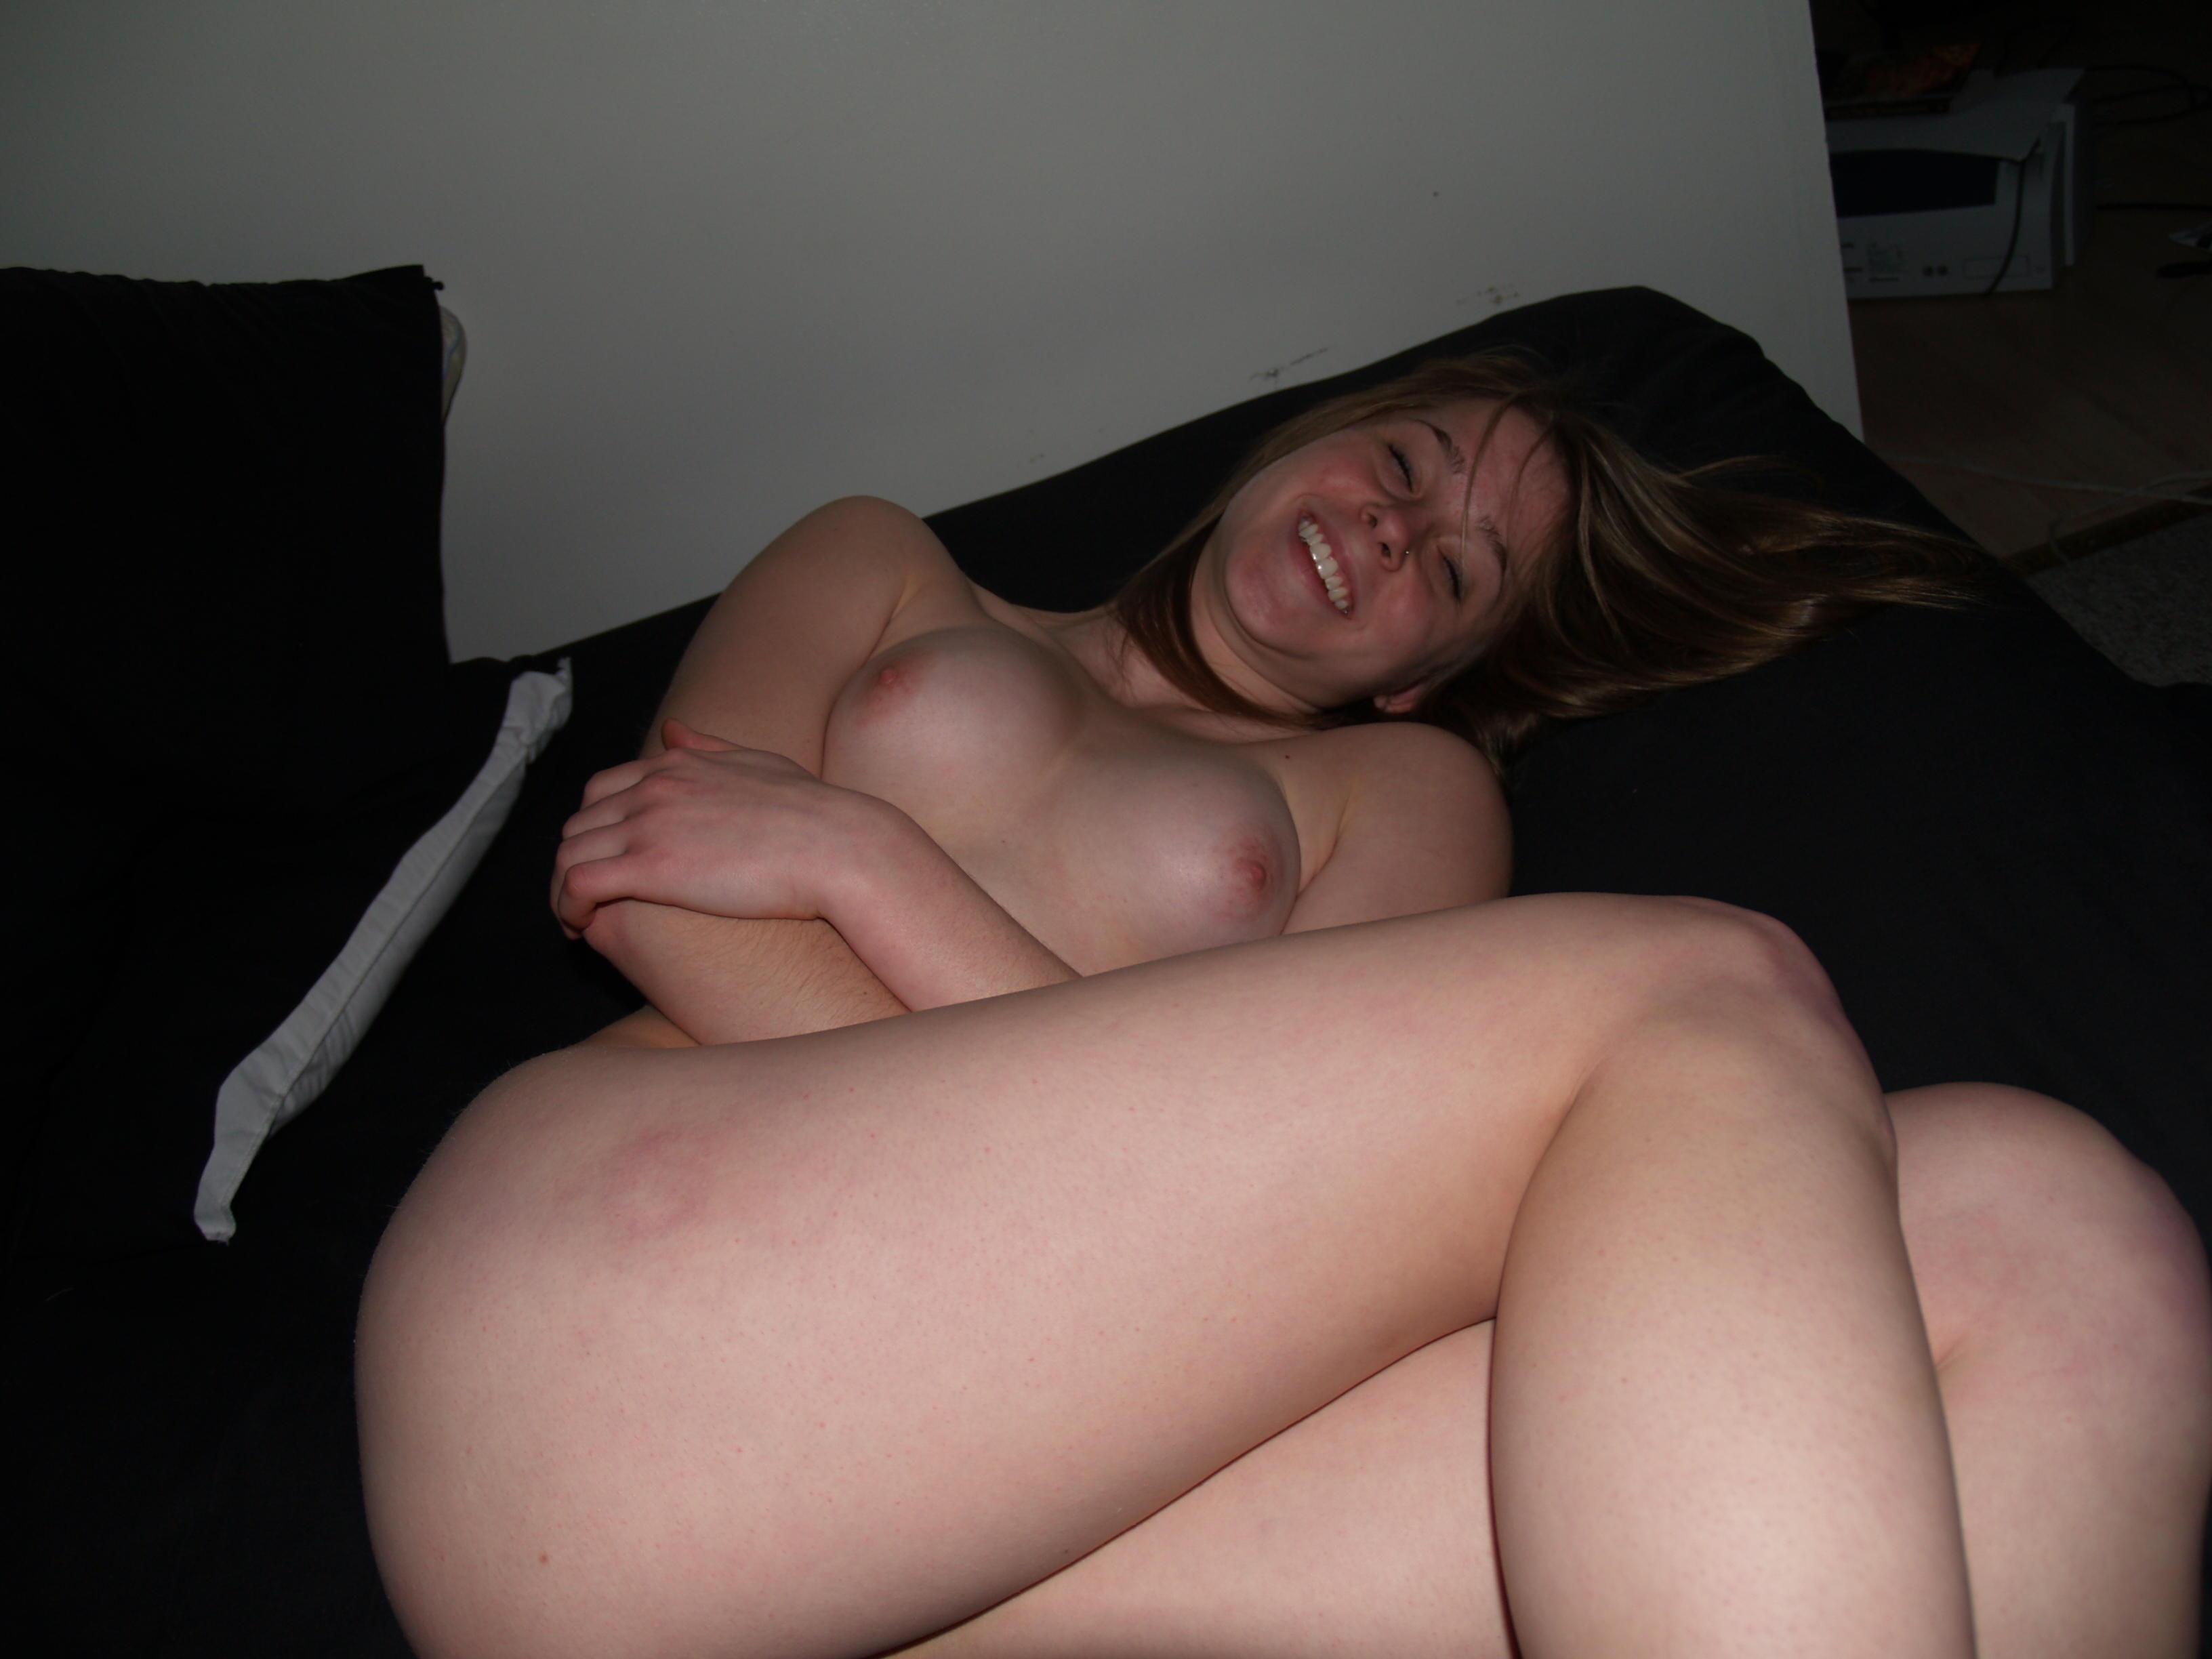 sexe amateur gratuit scene de sexe non simulé